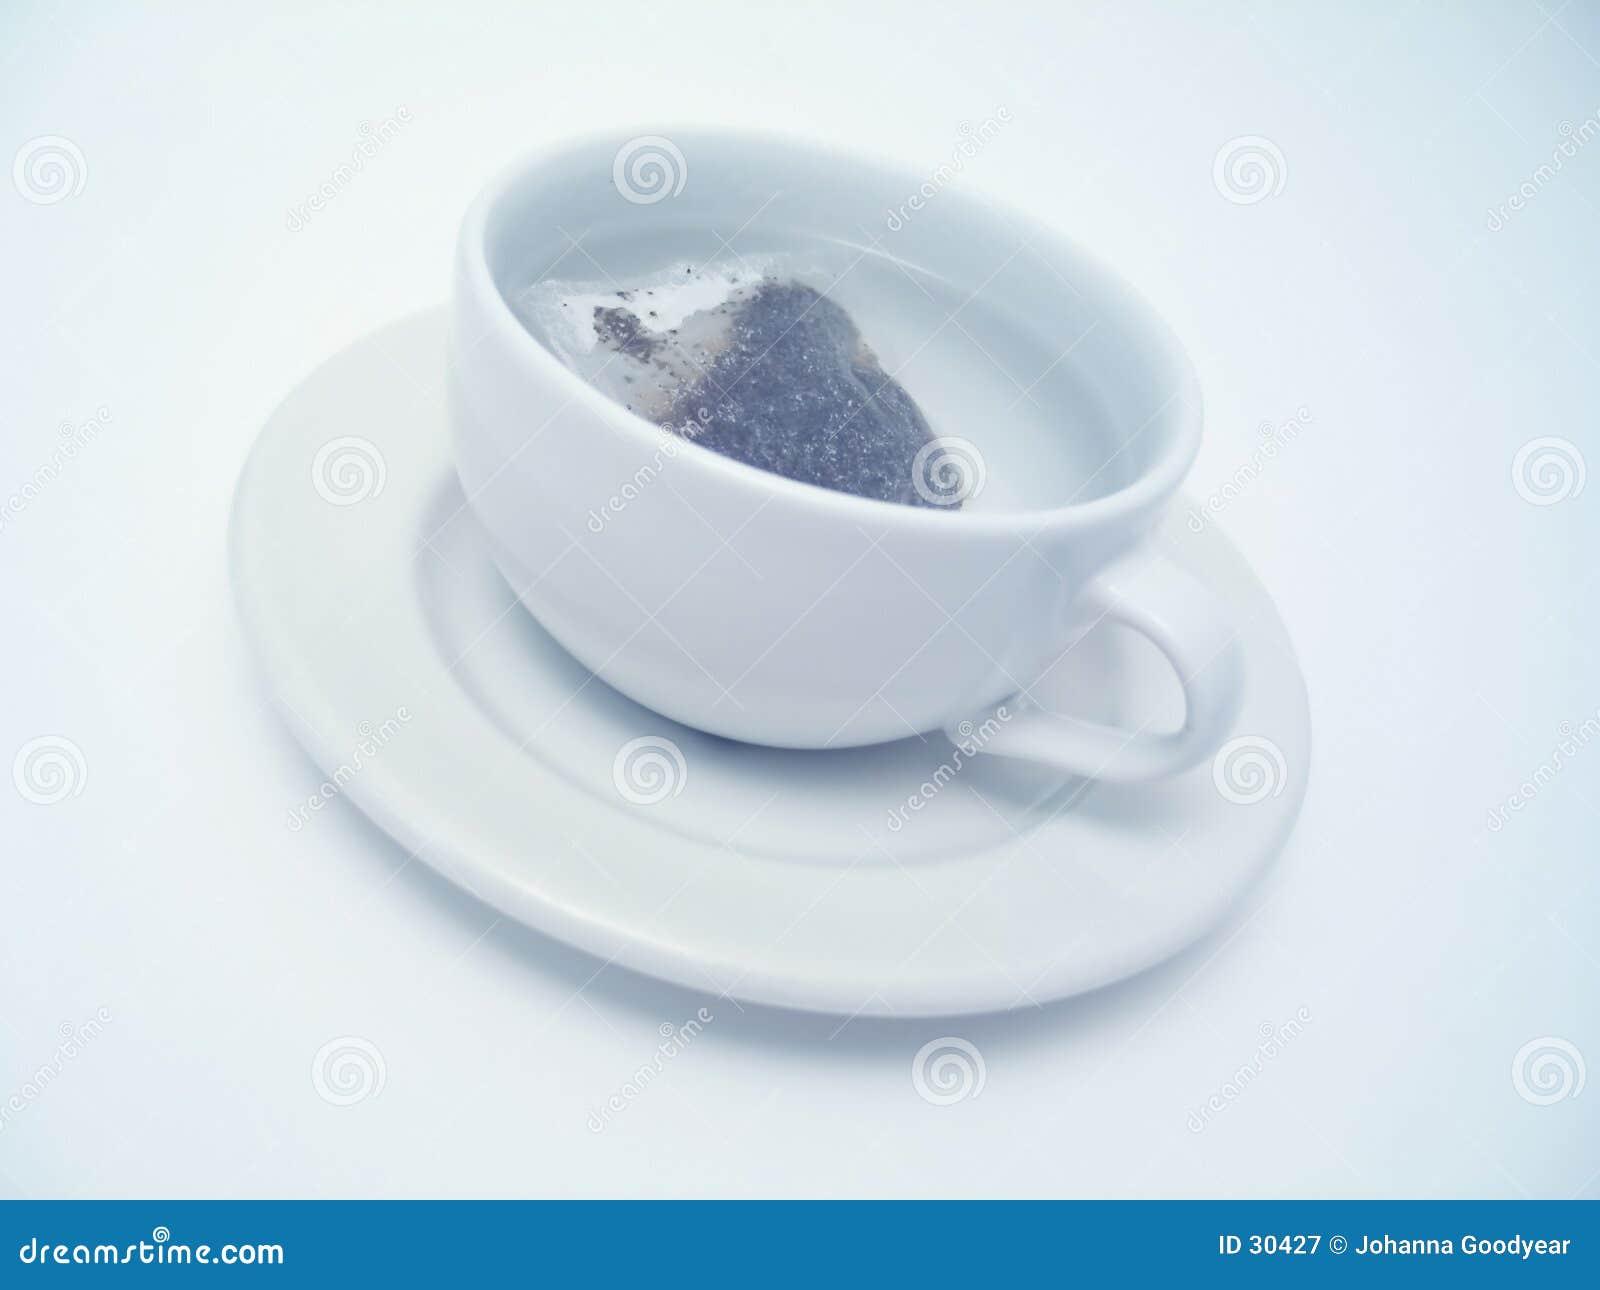 Mug shot 1